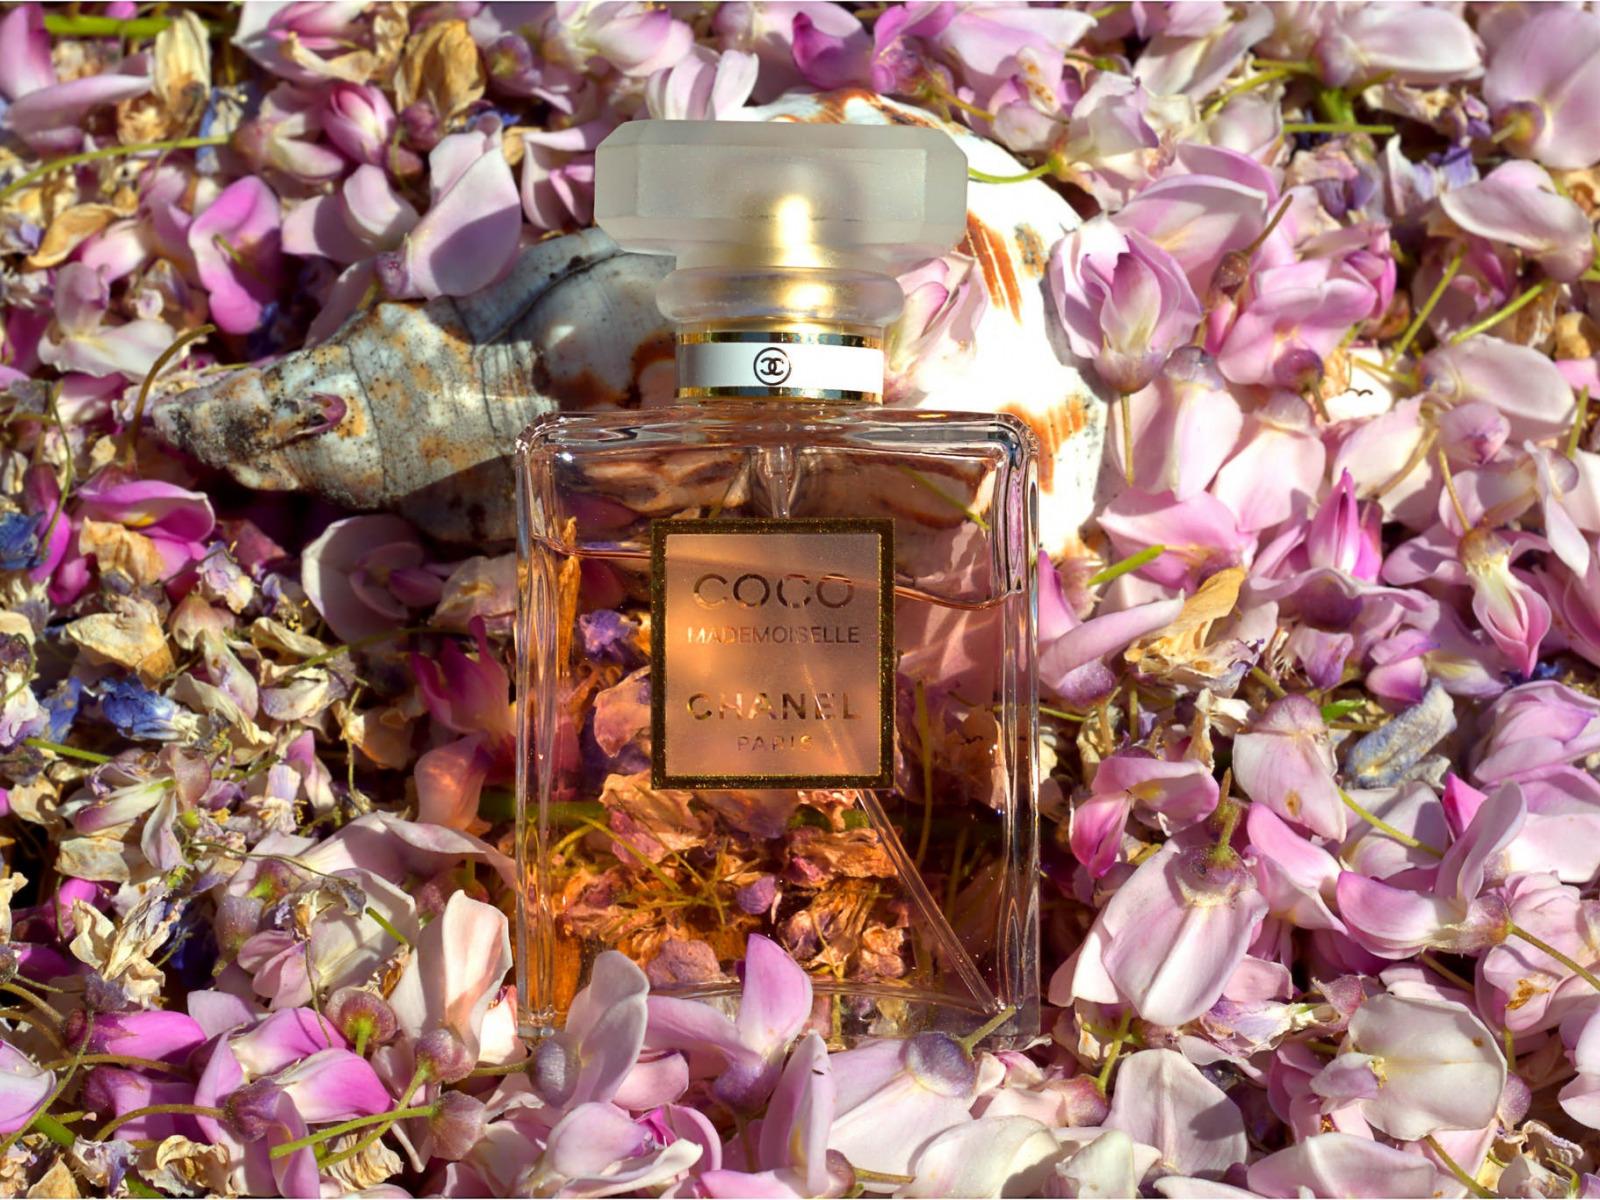 Картинки с парфюмерией в одном цвете, открытке папе смешные